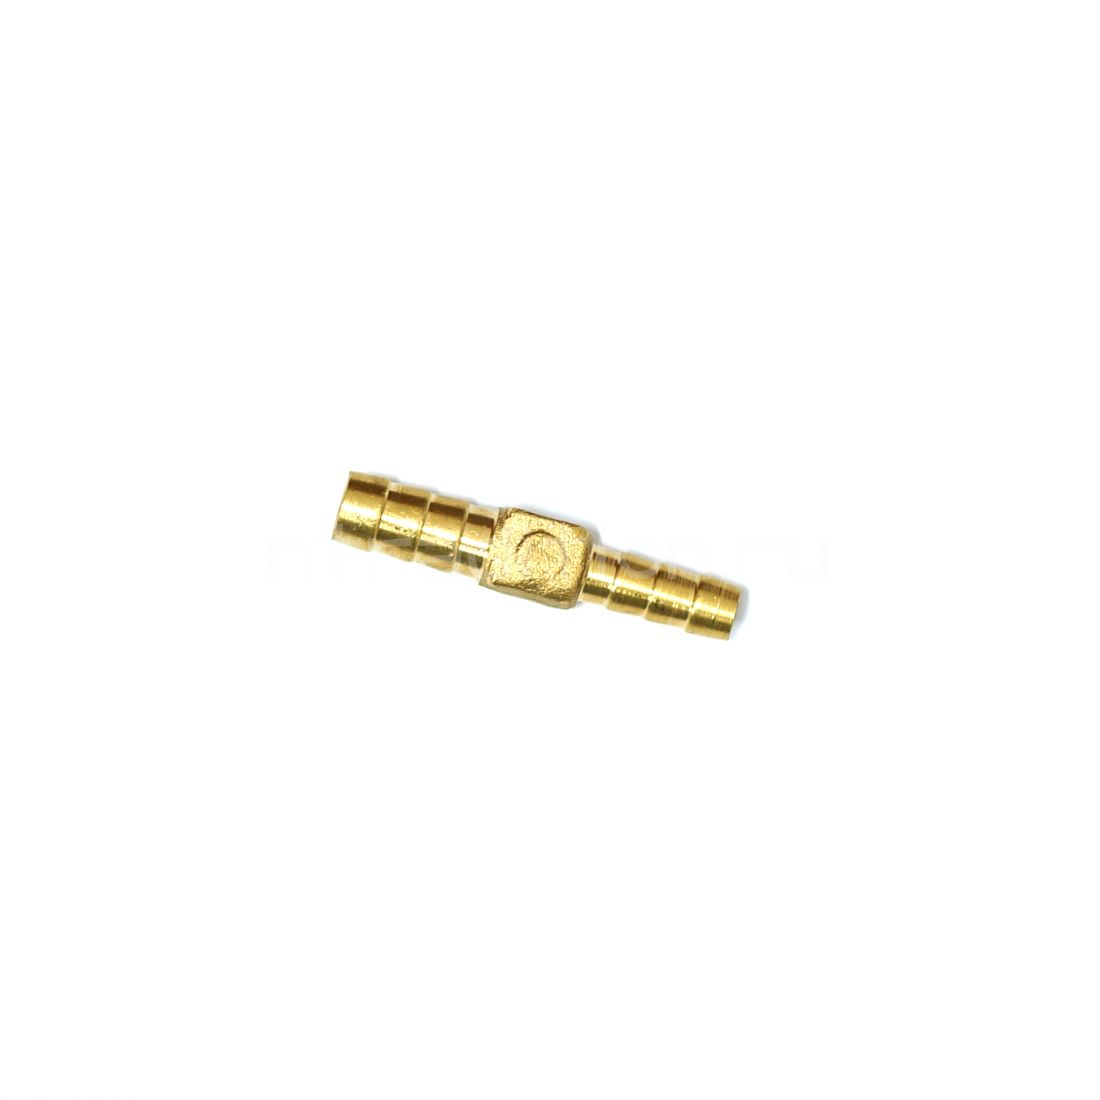 Штуцер-соединитель переходной, 8-10 мм